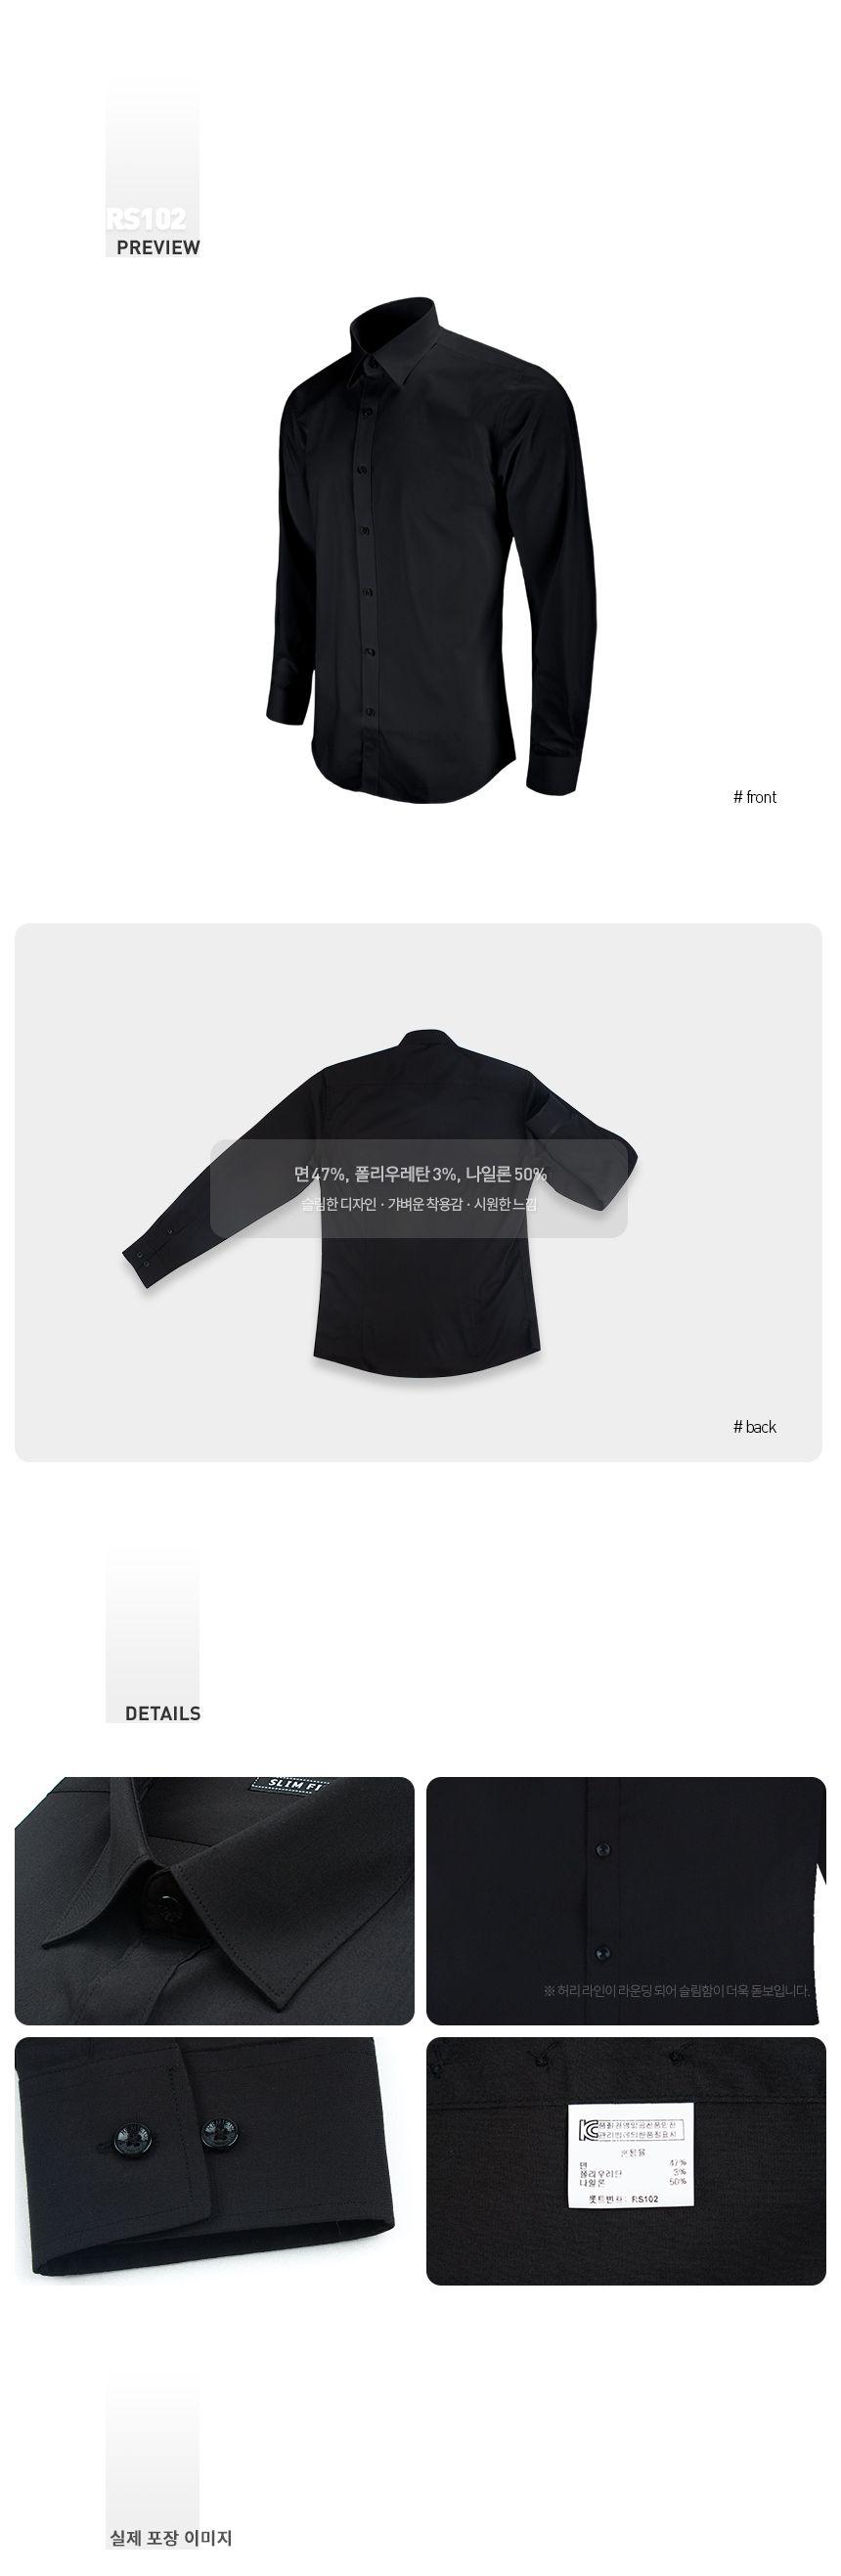 슬림)블랙 스판셔츠_RS102 기본셔츠 긴팔와이셔츠 남 기본셔츠 긴팔와이셔츠 남성정장셔츠 솔리드셔츠 드레스셔츠